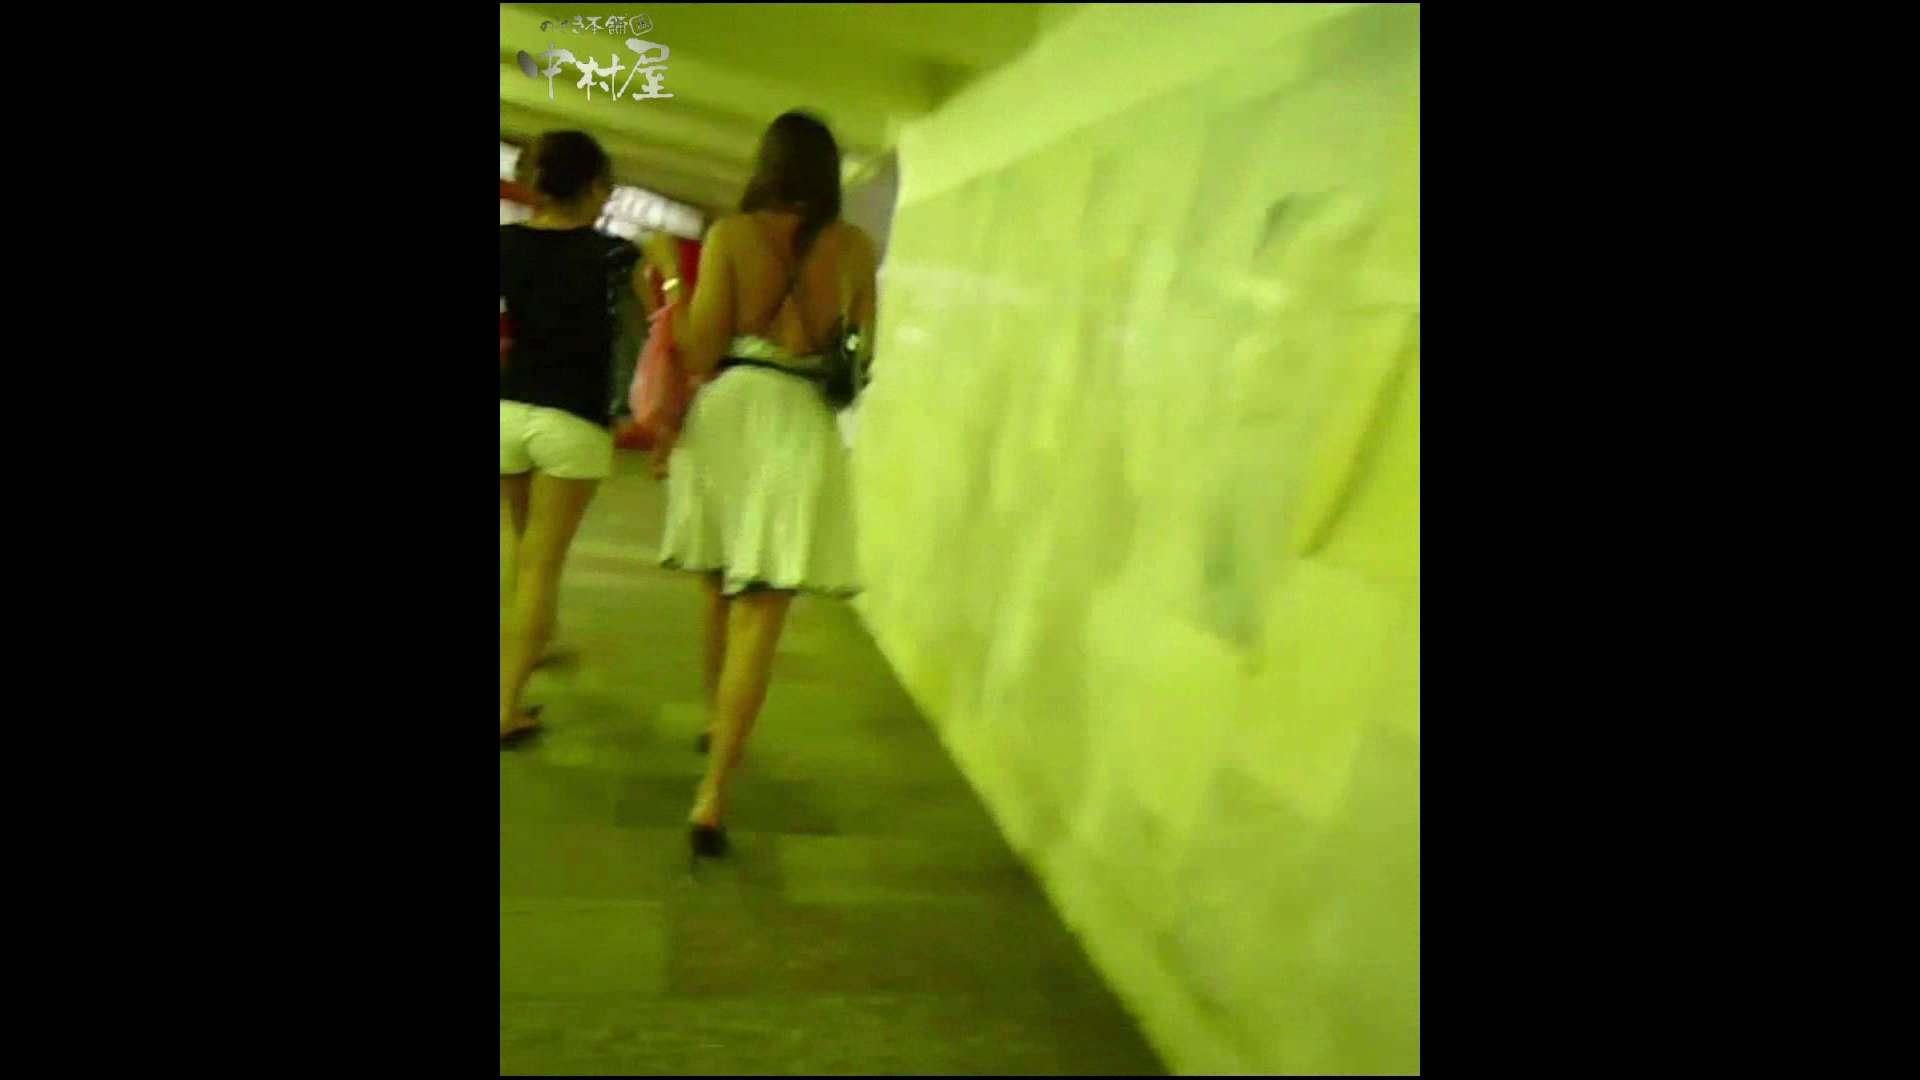 綺麗なモデルさんのスカート捲っちゃおう‼ vol26 Hなお姉さん | HなOL  76pic 24